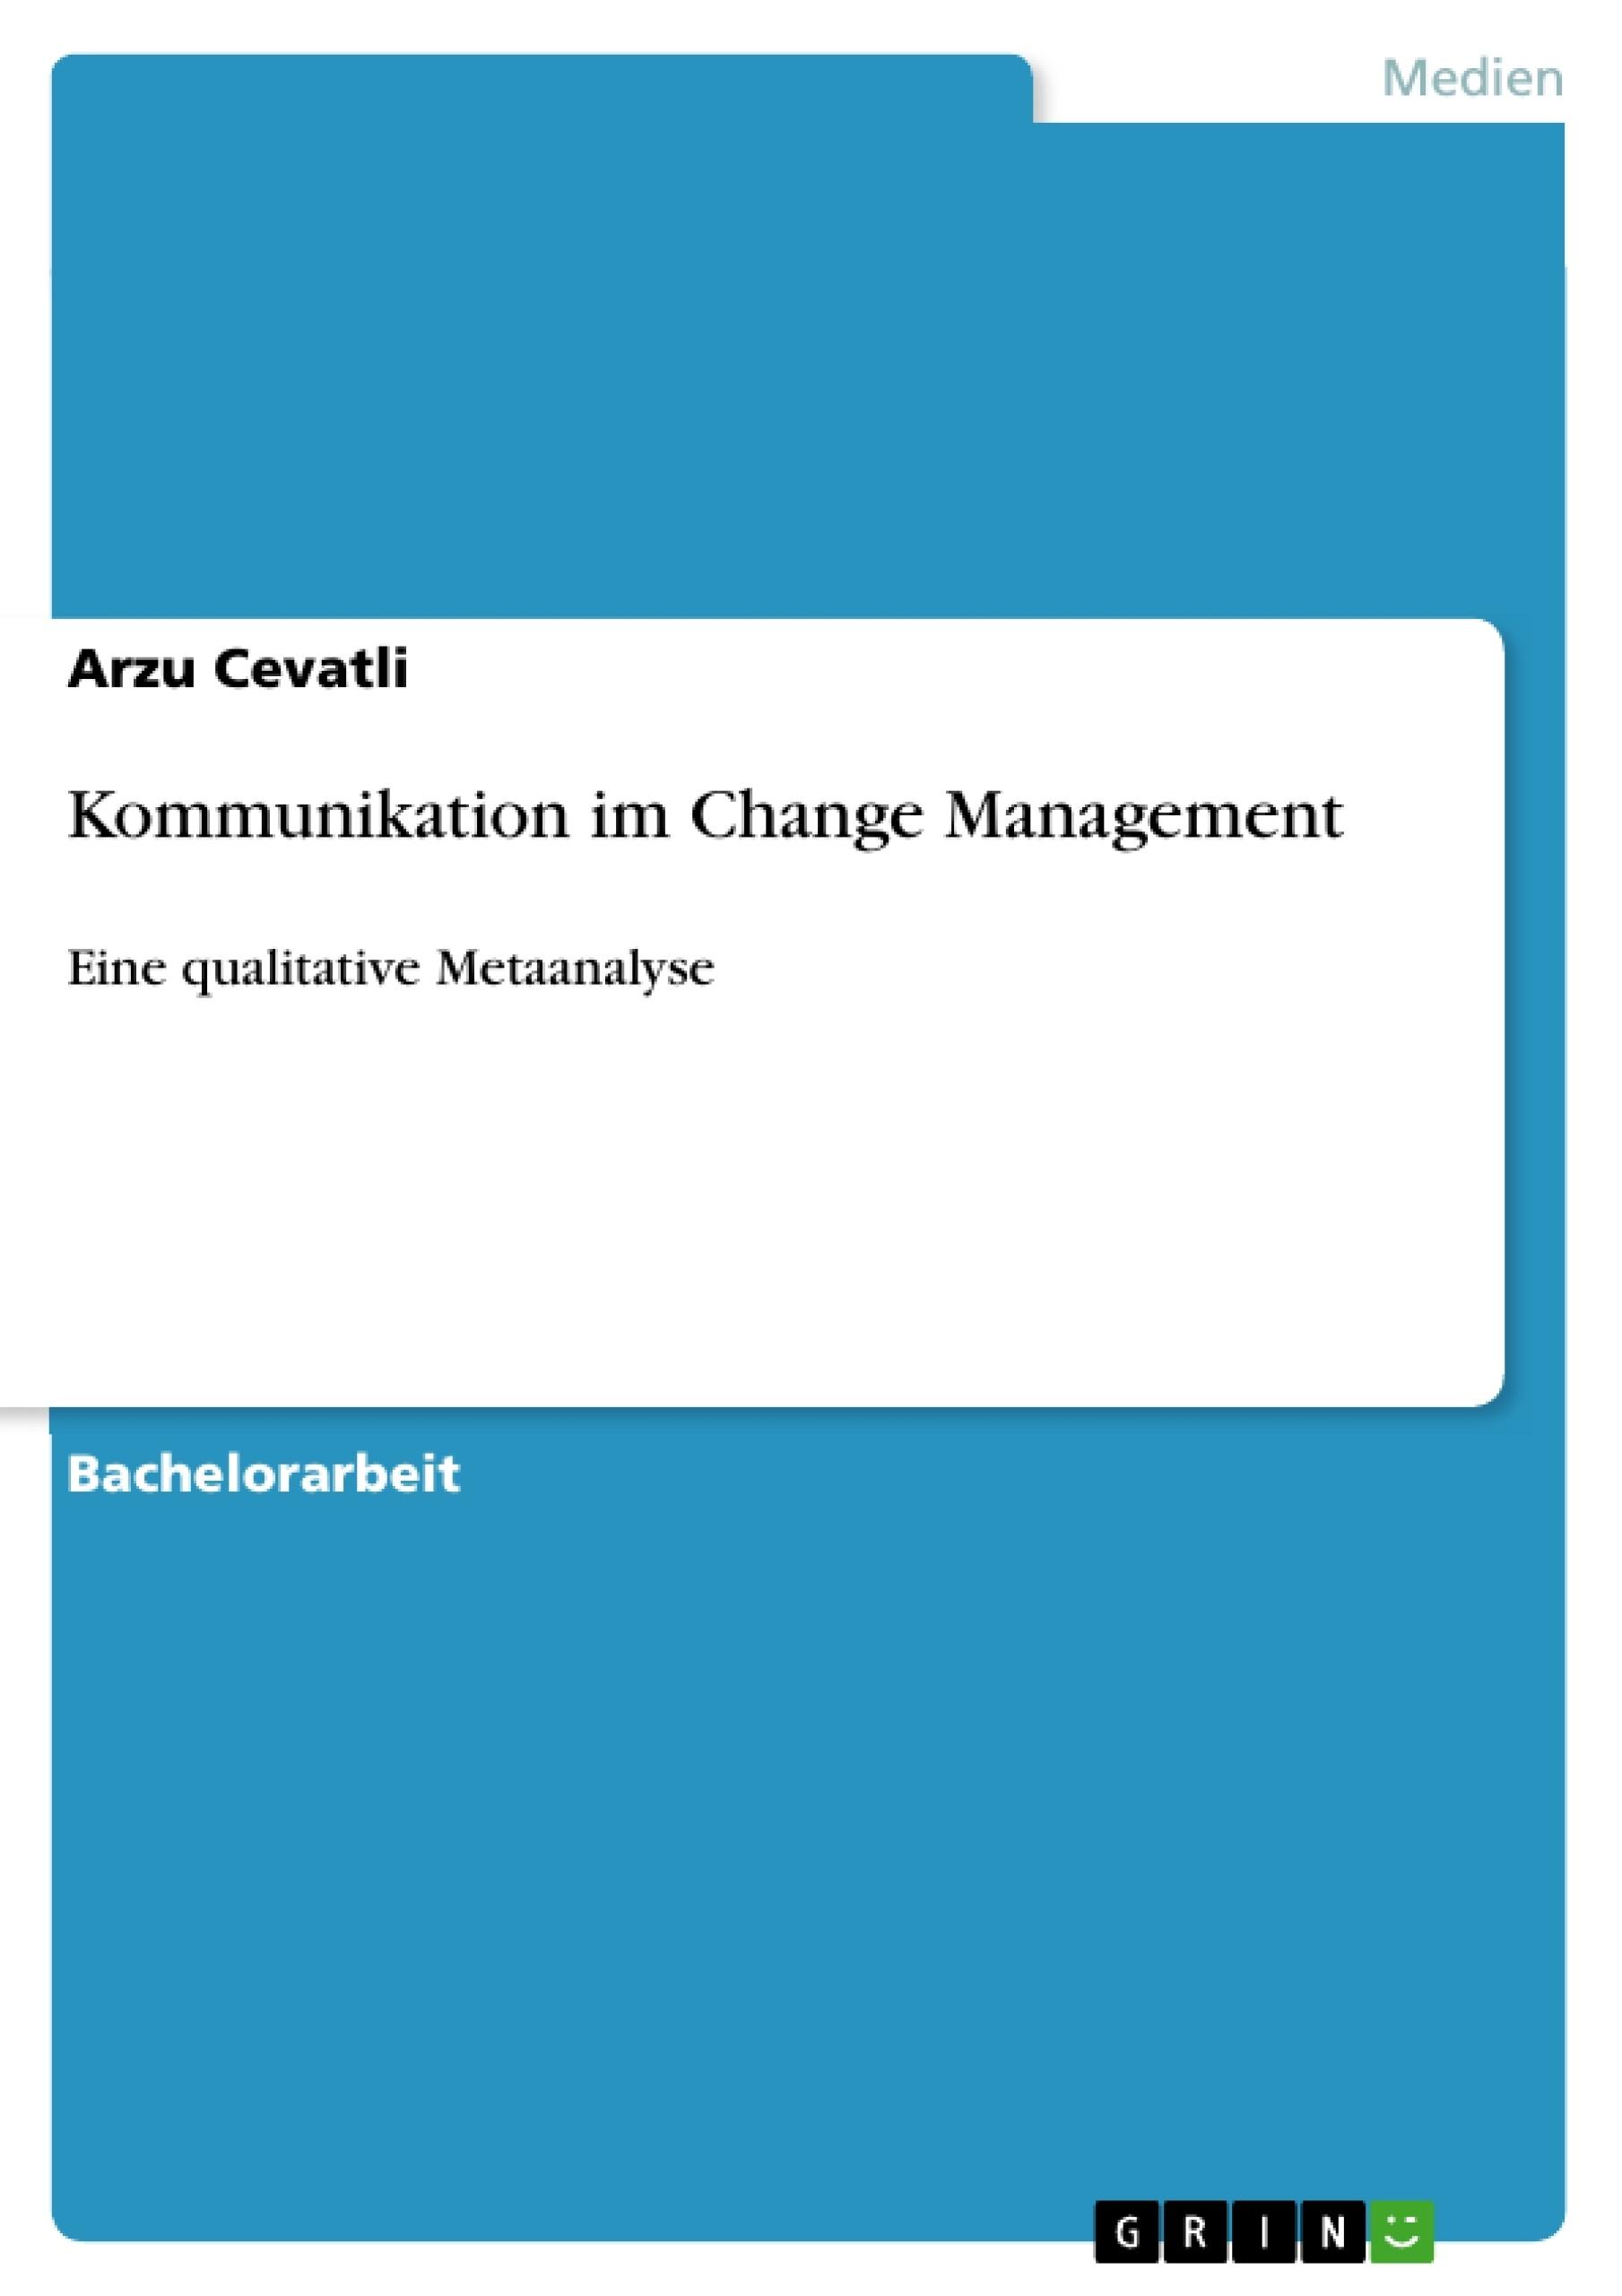 Titel: Kommunikation im Change Management